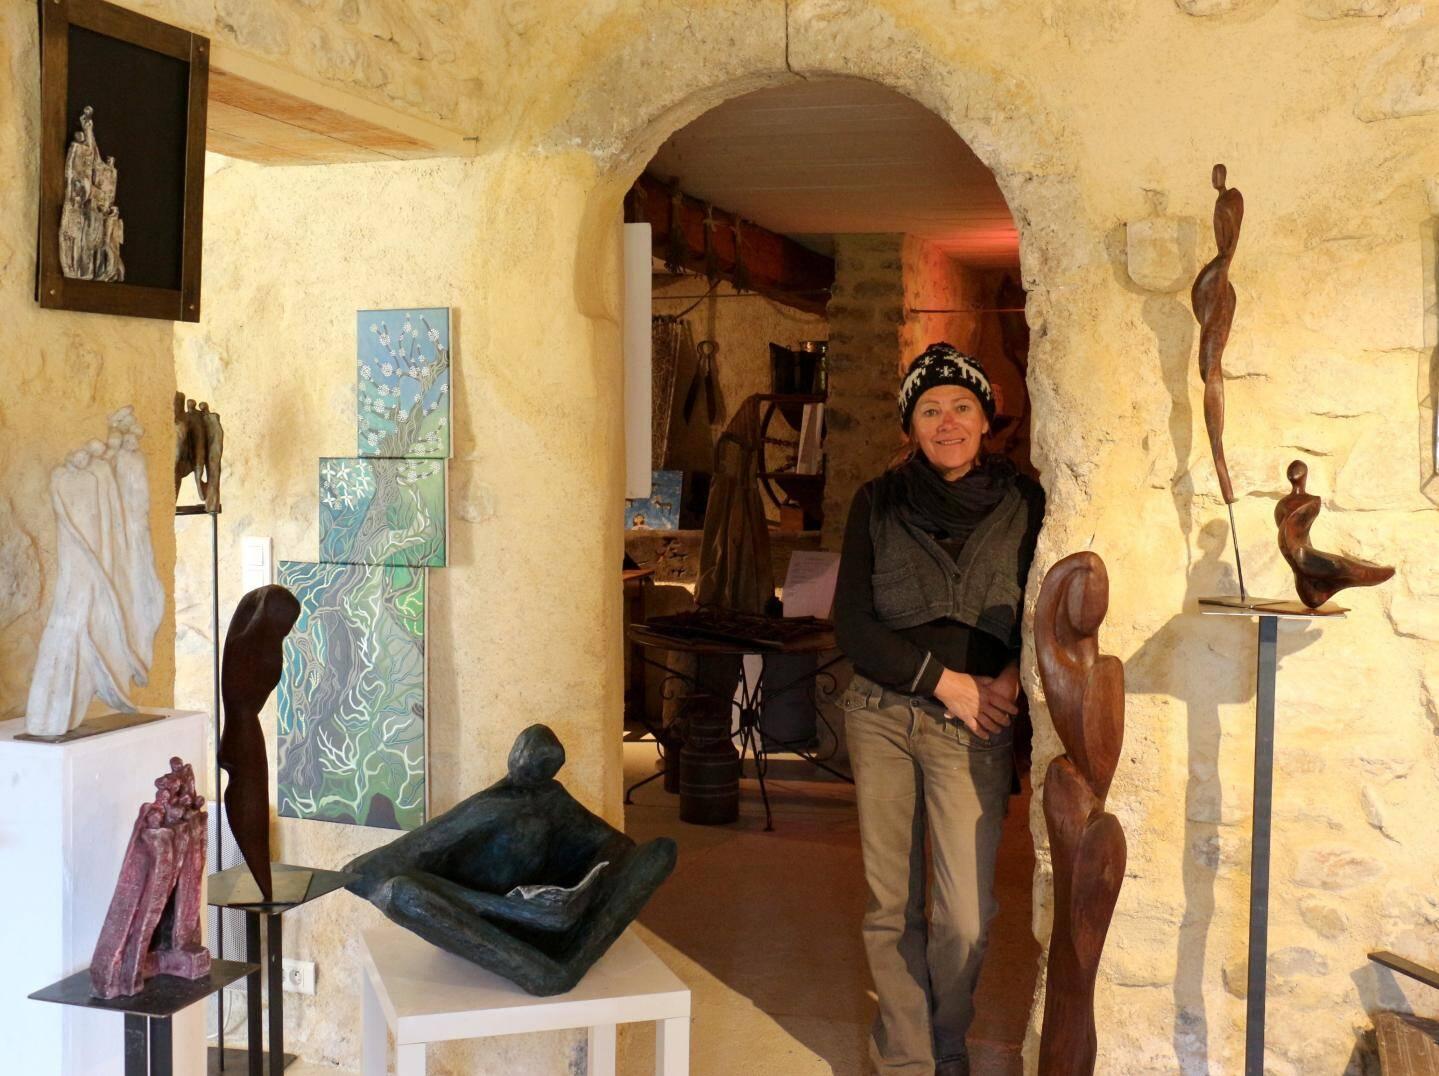 Christel Schlierkamp dans son atelier-galerie.